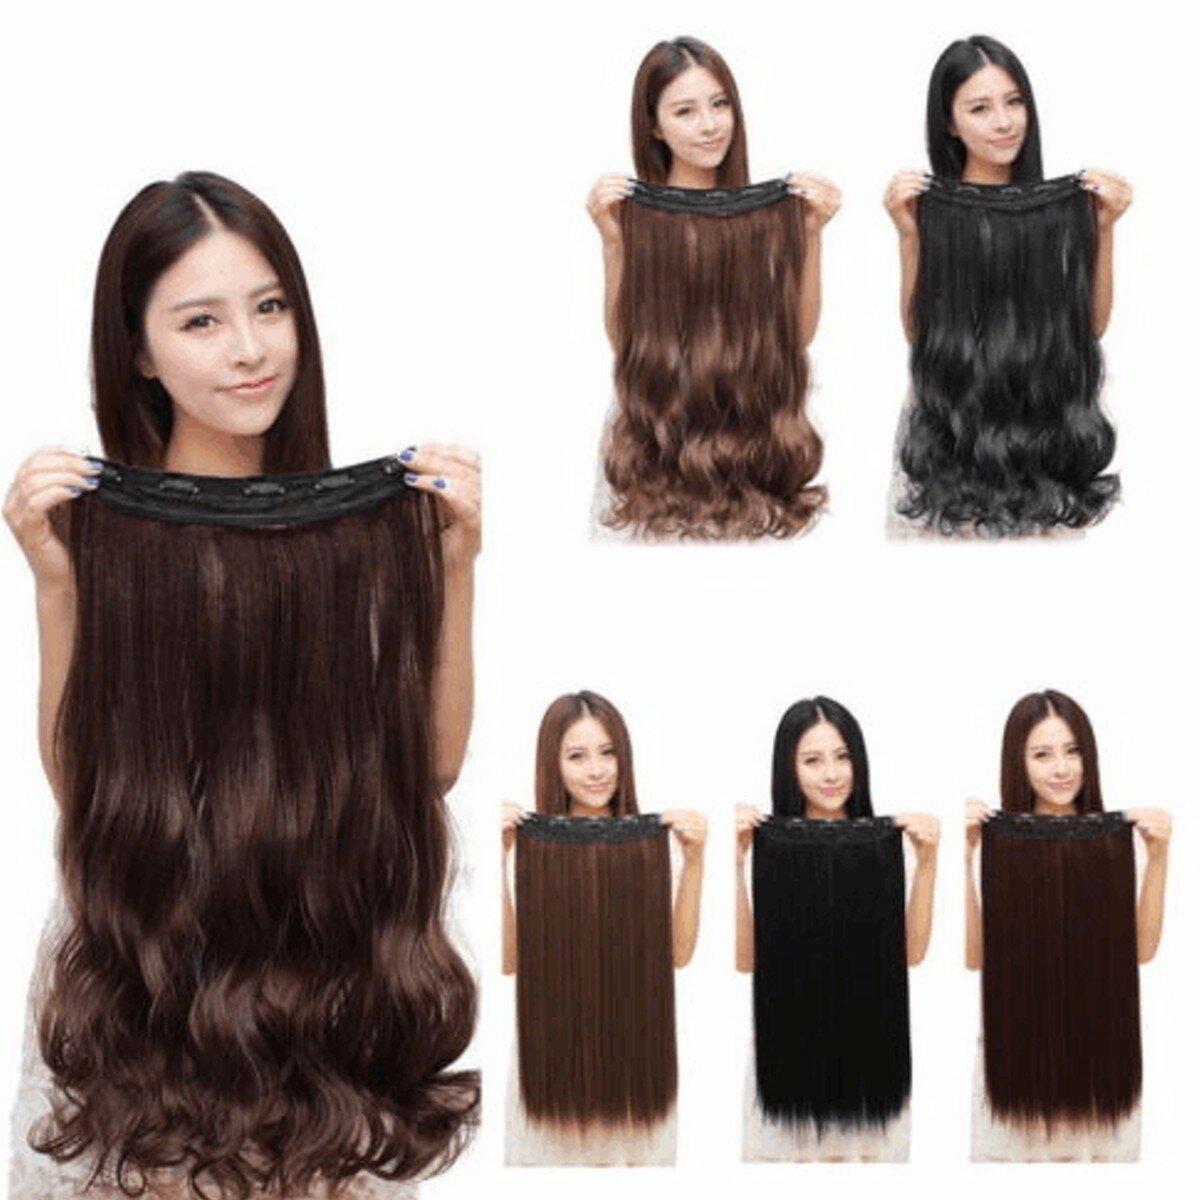 Donne clip nelle estensioni dei capelli ricci lunghi rettilinei con 5 clips - 1